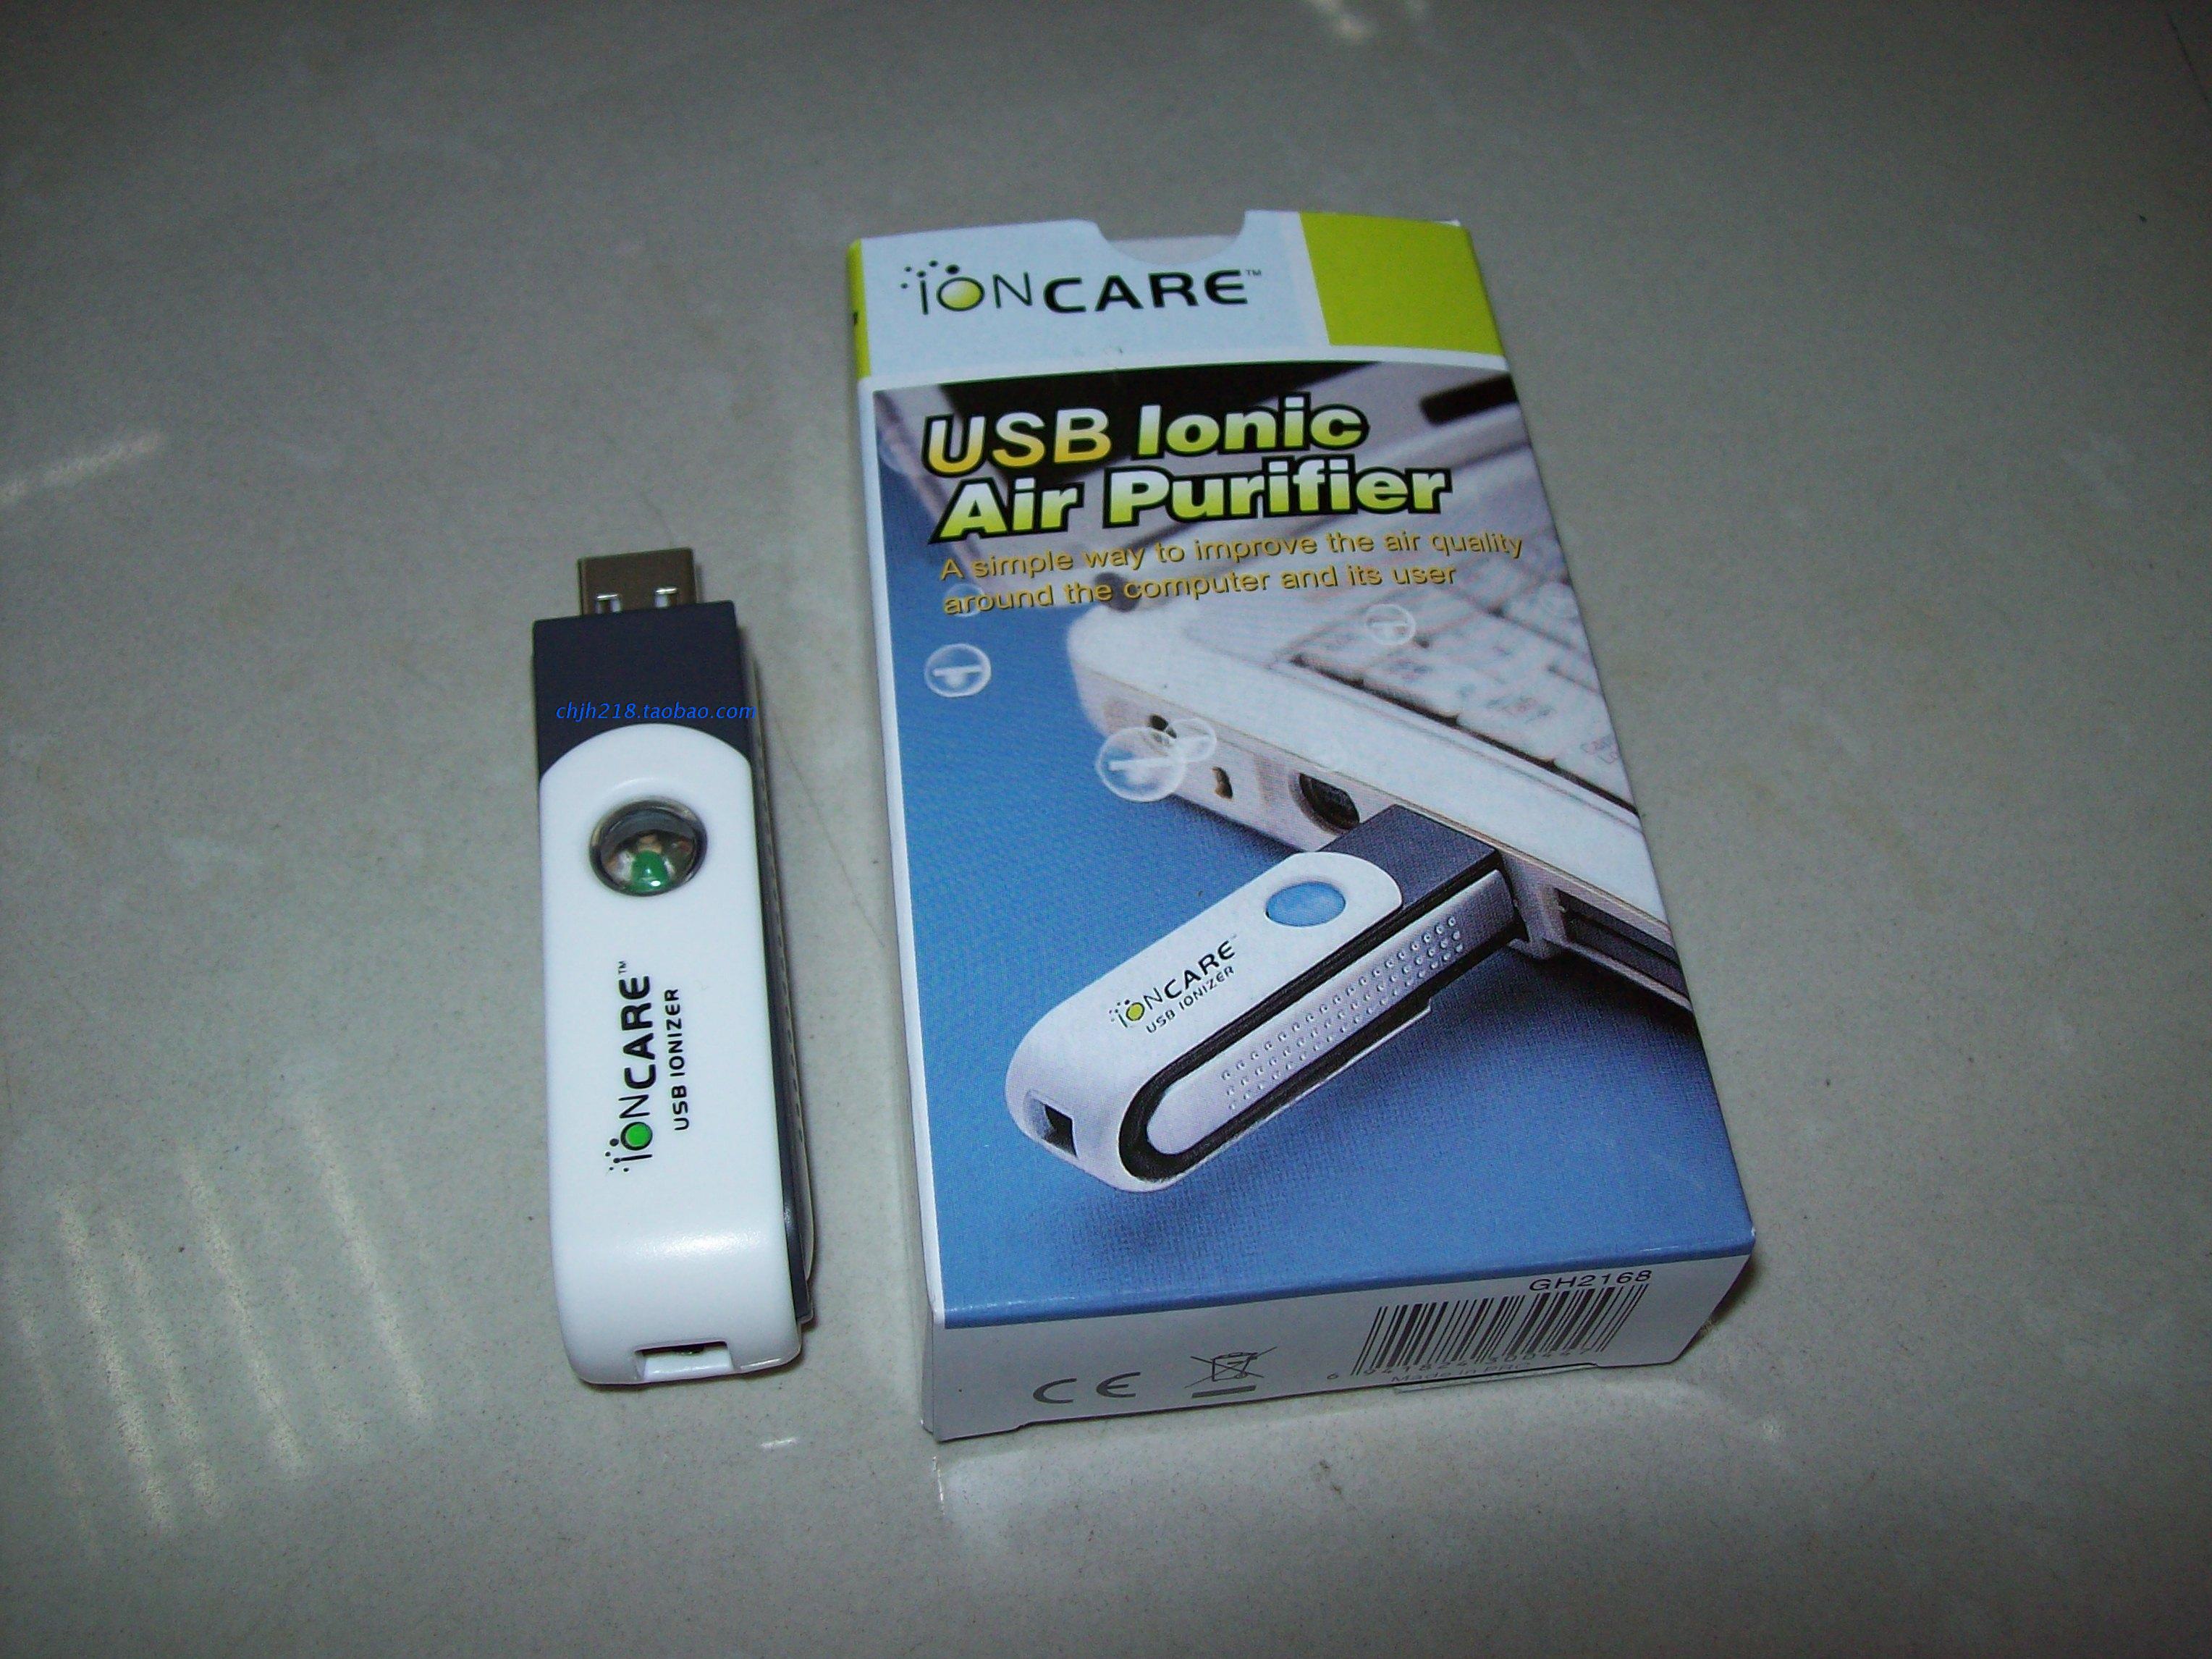 Тополь Вэй кун - наряд пшеница отличный продукт -USB кислород бар кроме дым , запах анион очистка воздуха электро мозг кислород бар